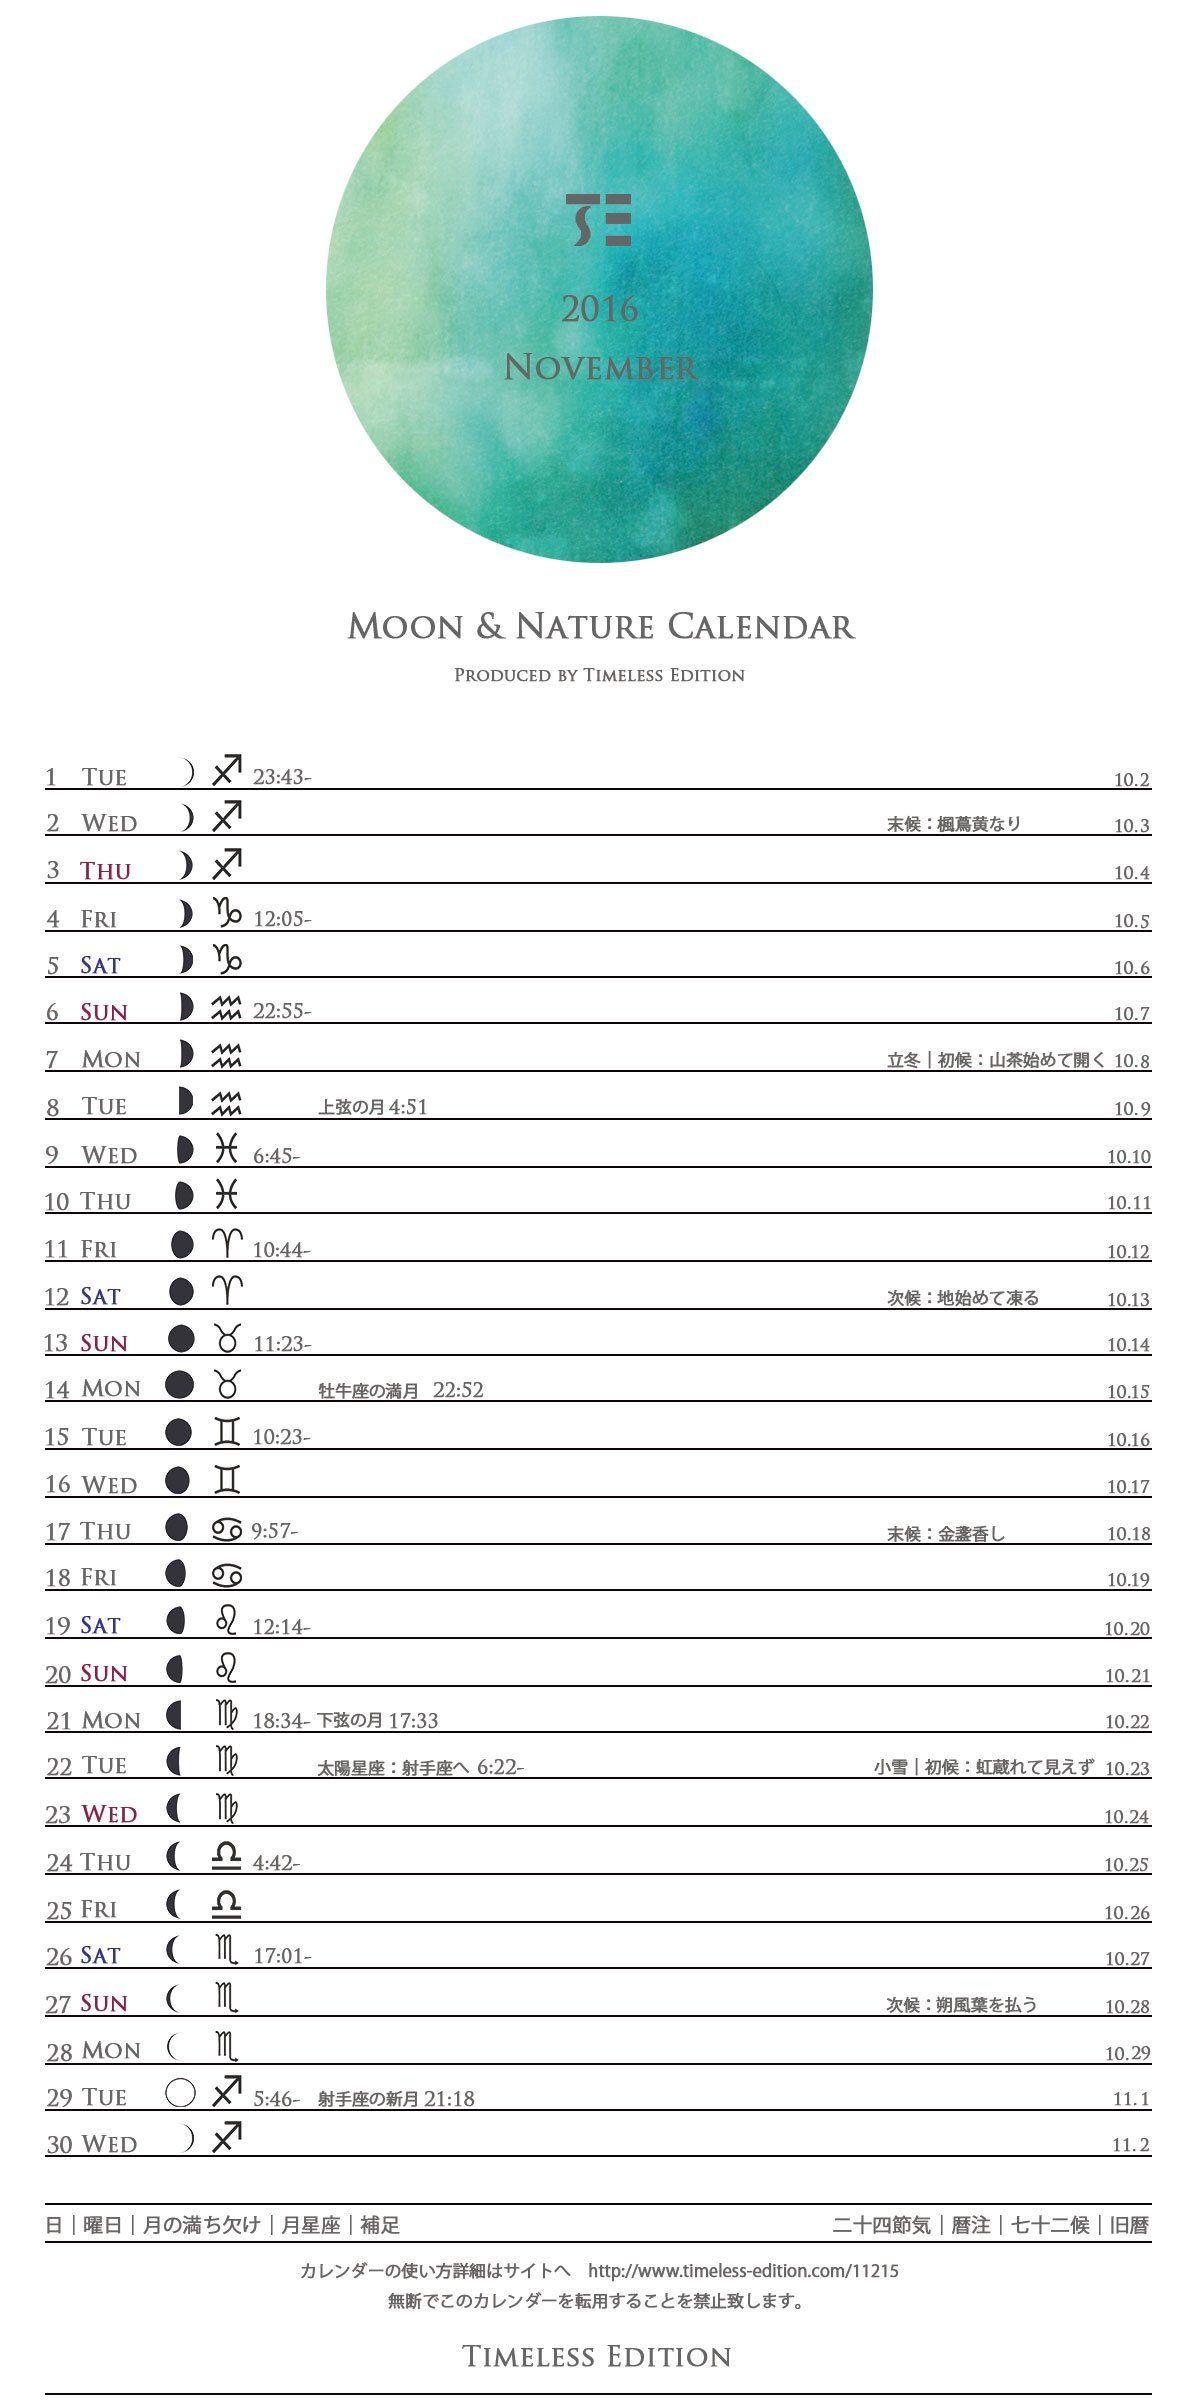 月と旧暦のカレンダー 月の満ち欠け 新月 満月 月星座 月齢などが分かる Timeless Edition カレンダー 月 カレンダー 満月